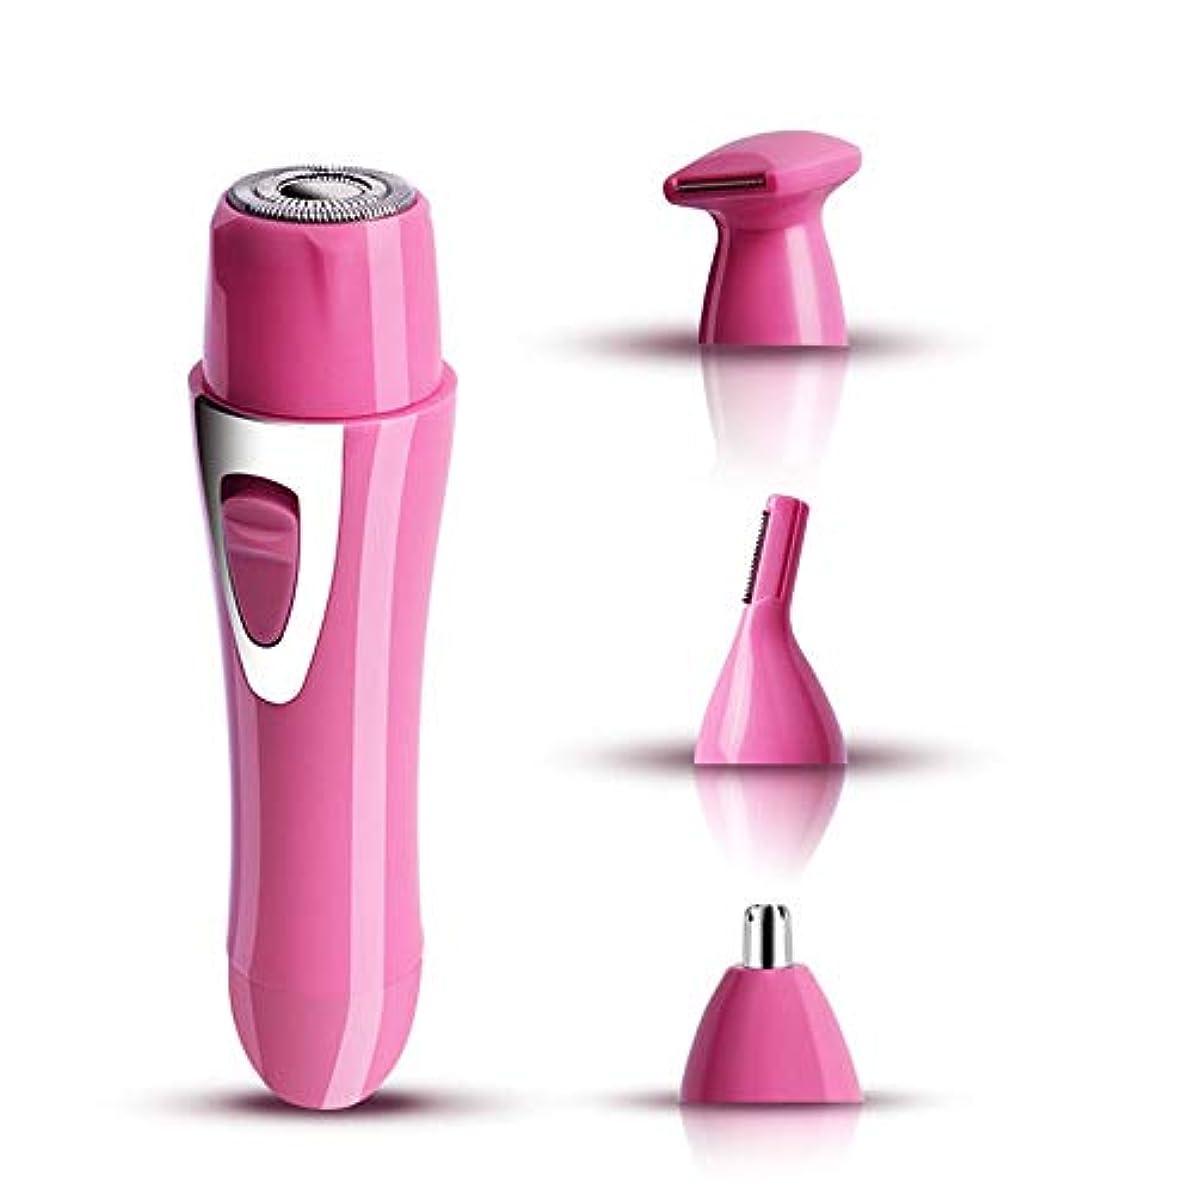 取り付け水陸両用ペルソナTZY 鼻毛眉毛ビキニラインに適した1エレクトリック防水多機能ミニボディトリマーで女性充電式家庭用脱毛器4 - レイザーとUSB (Color : Pink)